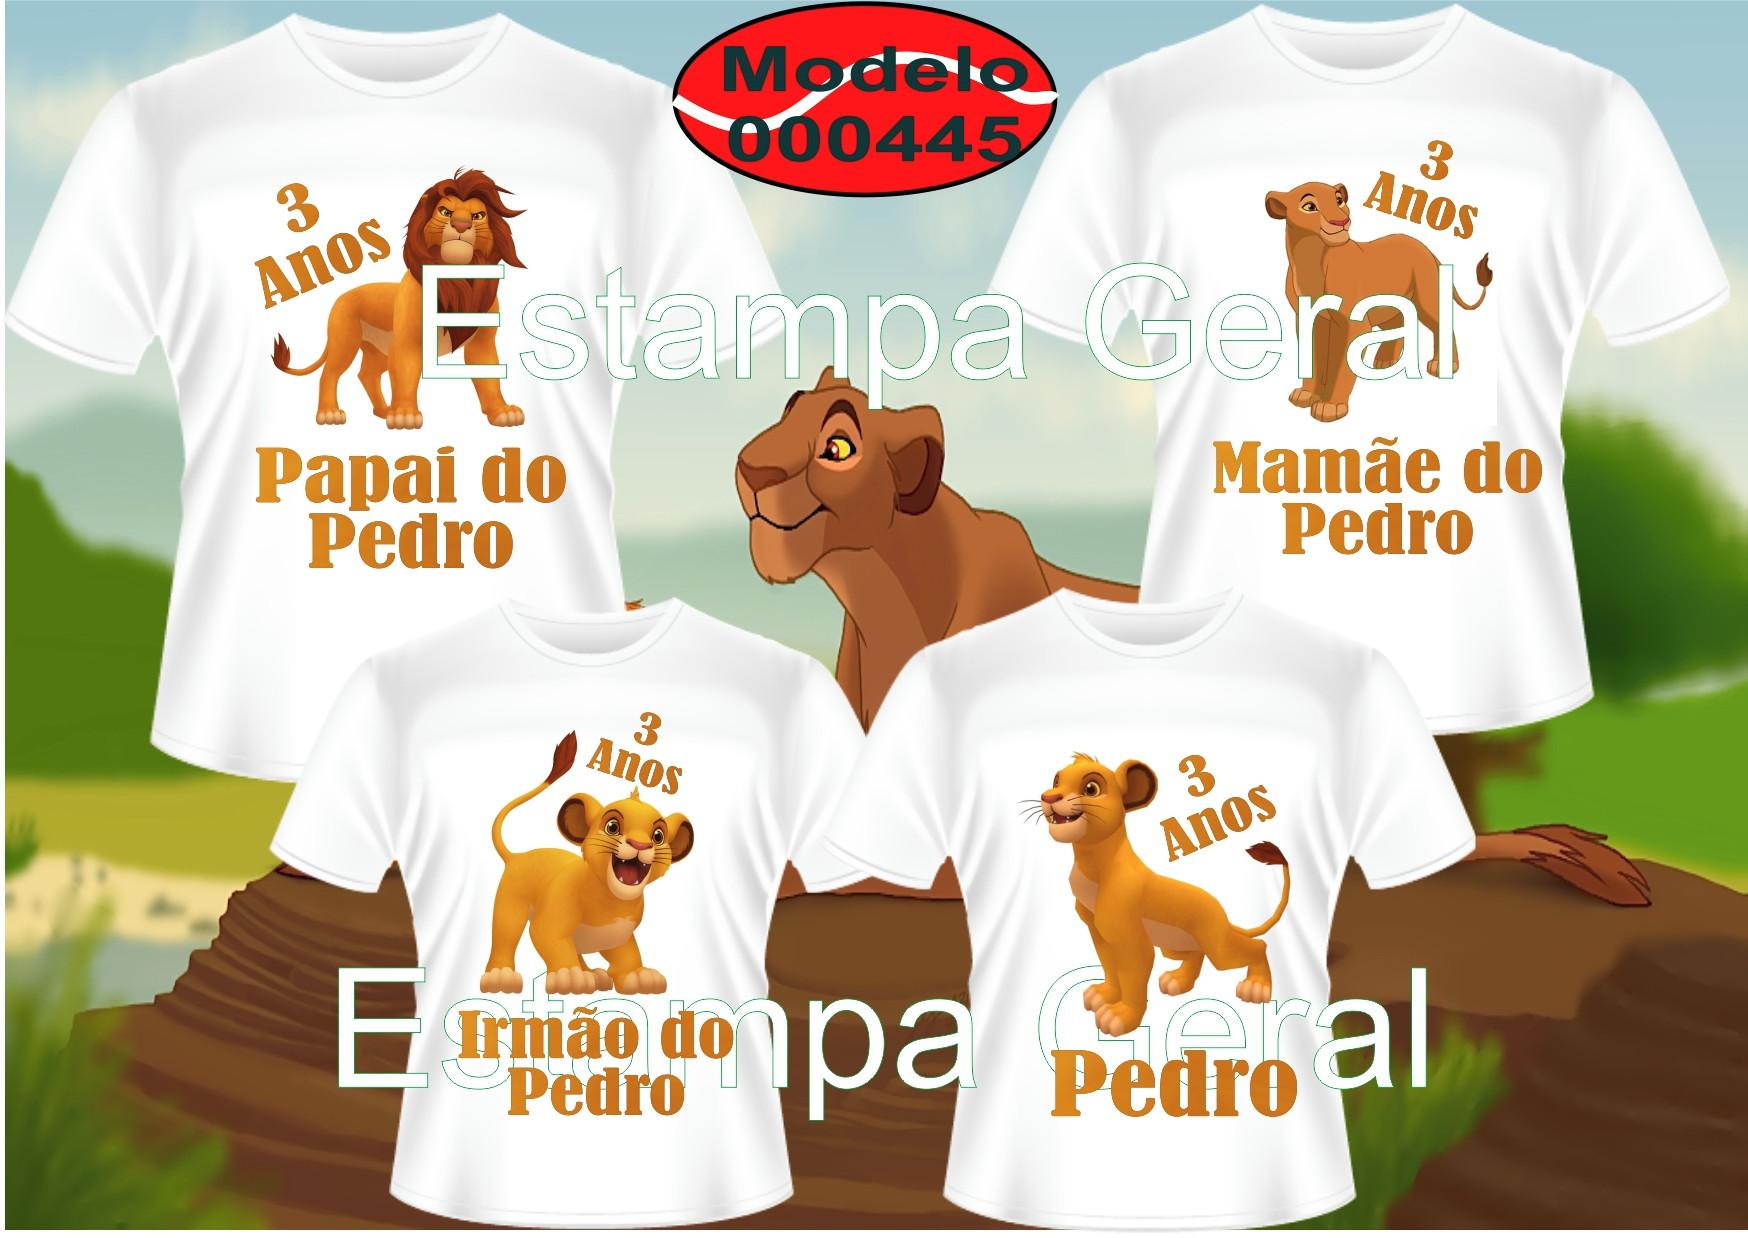 6fa50eb56a643f Camisetas Personalizadas Aniversario   Elo7